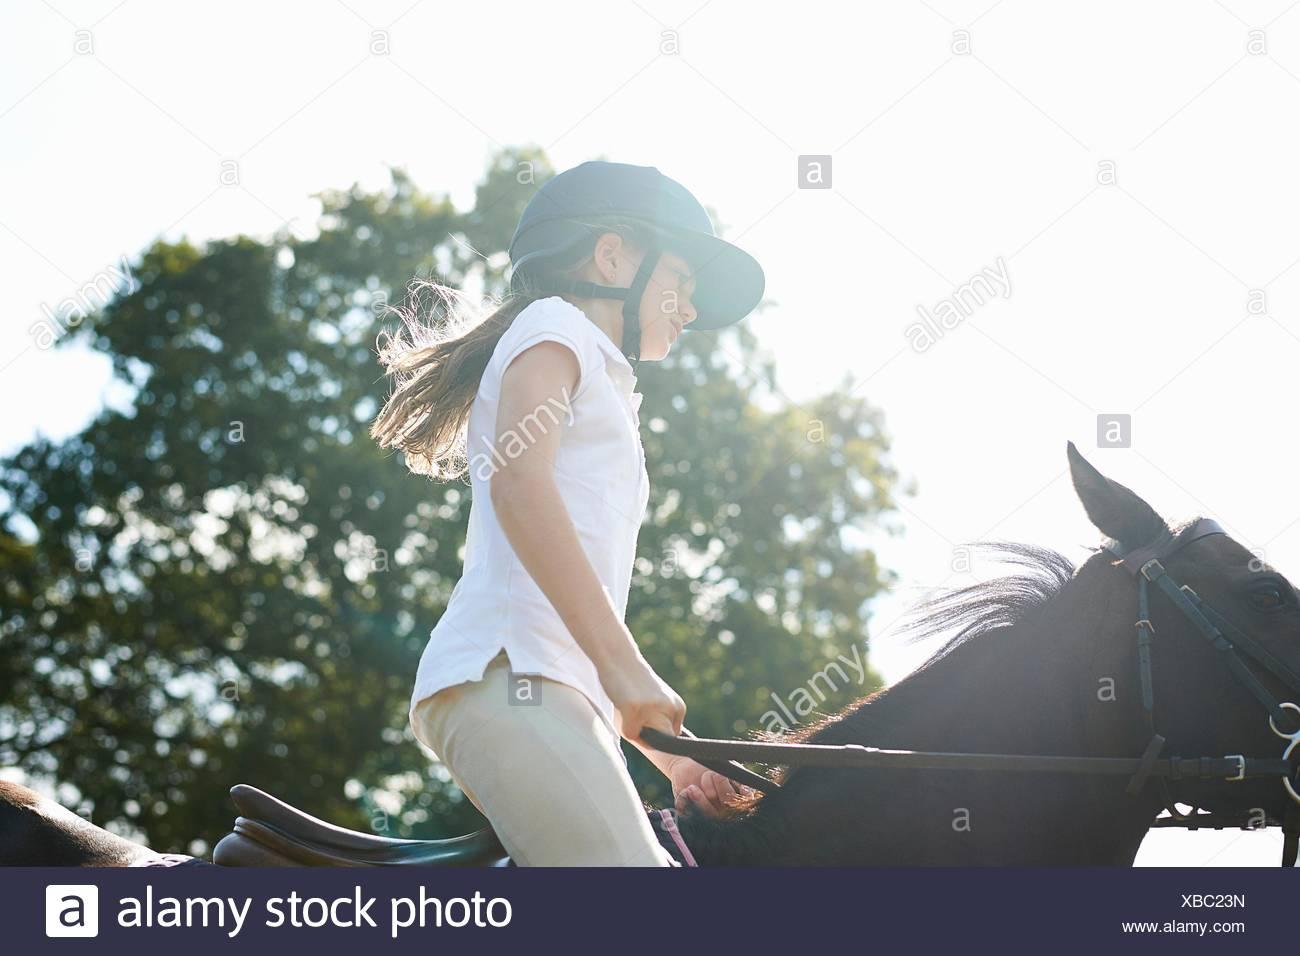 Blick auf Mädchen reiten auf Land beschnitten Stockbild